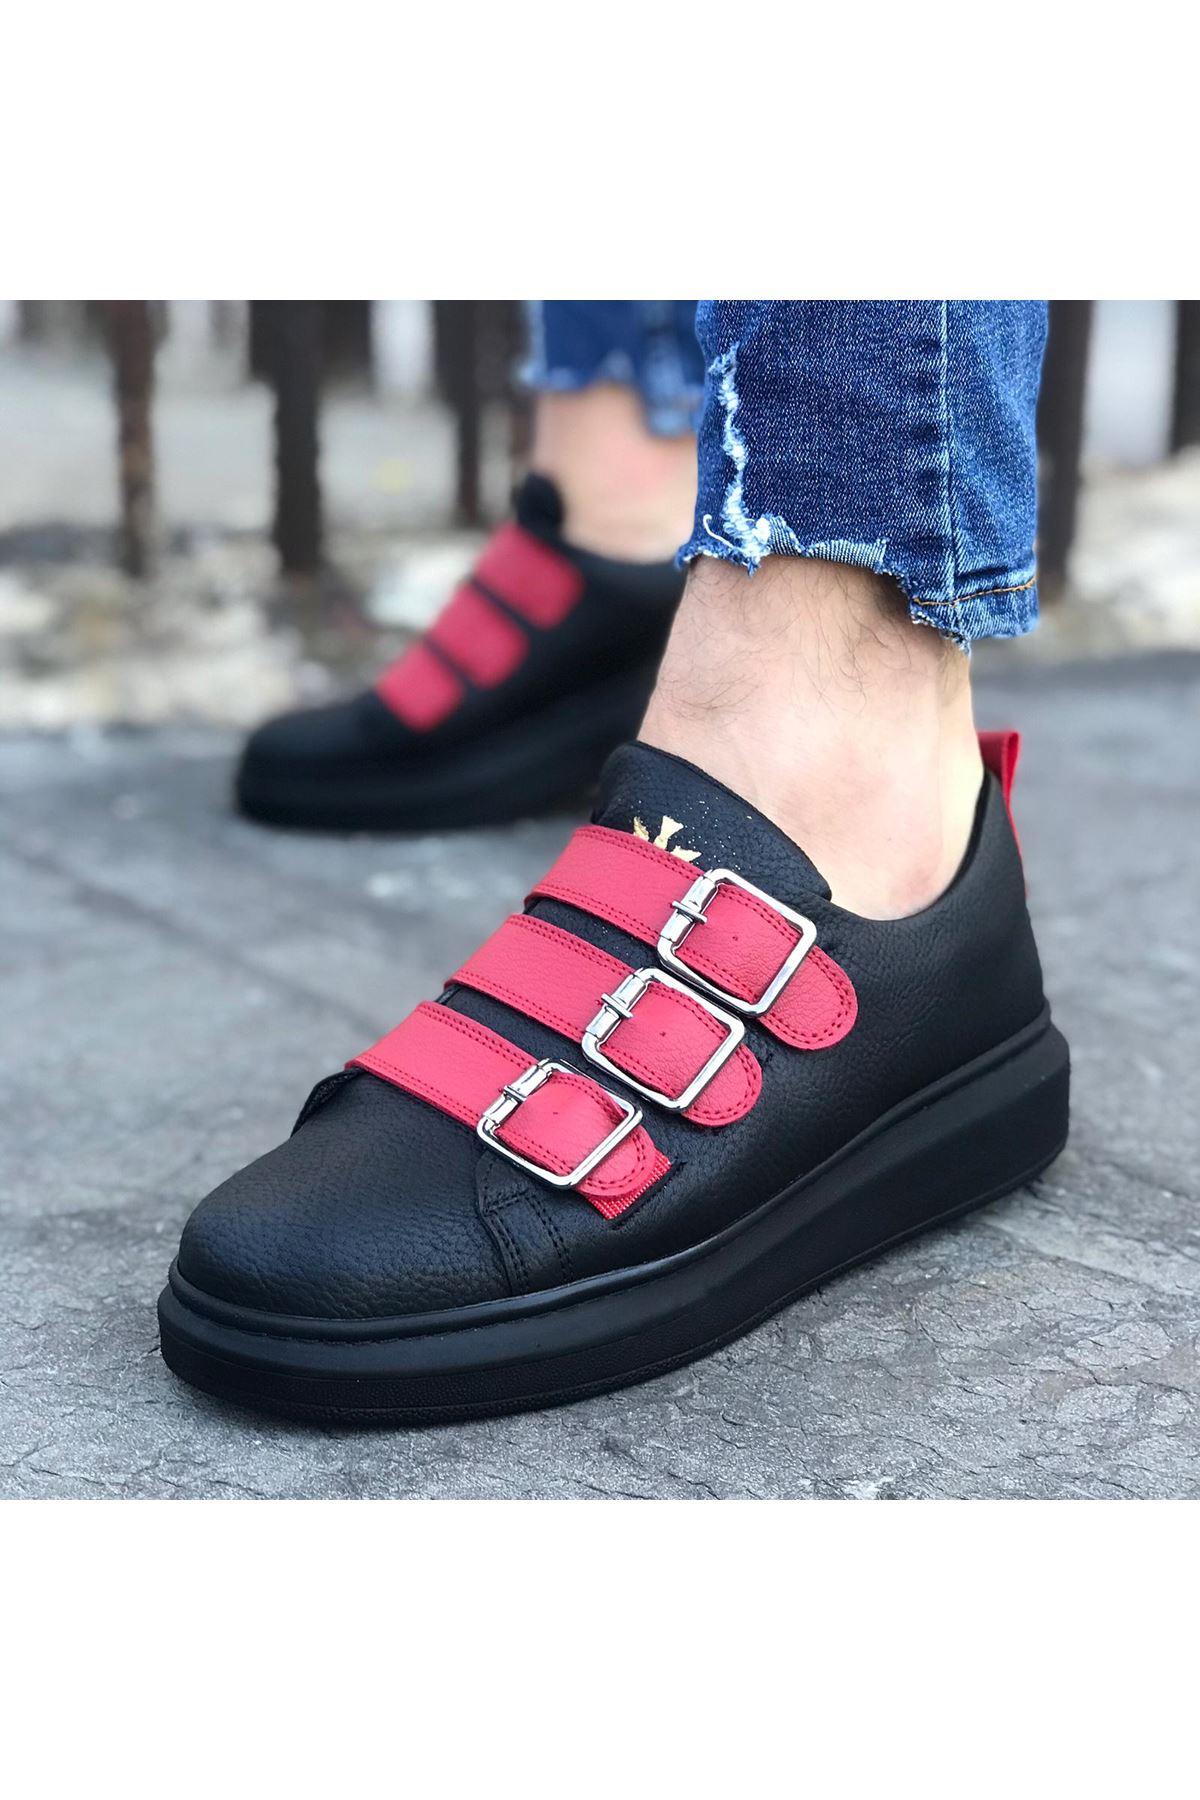 Wagoon WG050 Kömür Kırmızı Tokalı Kalın Taban Erkek Ayakkabı